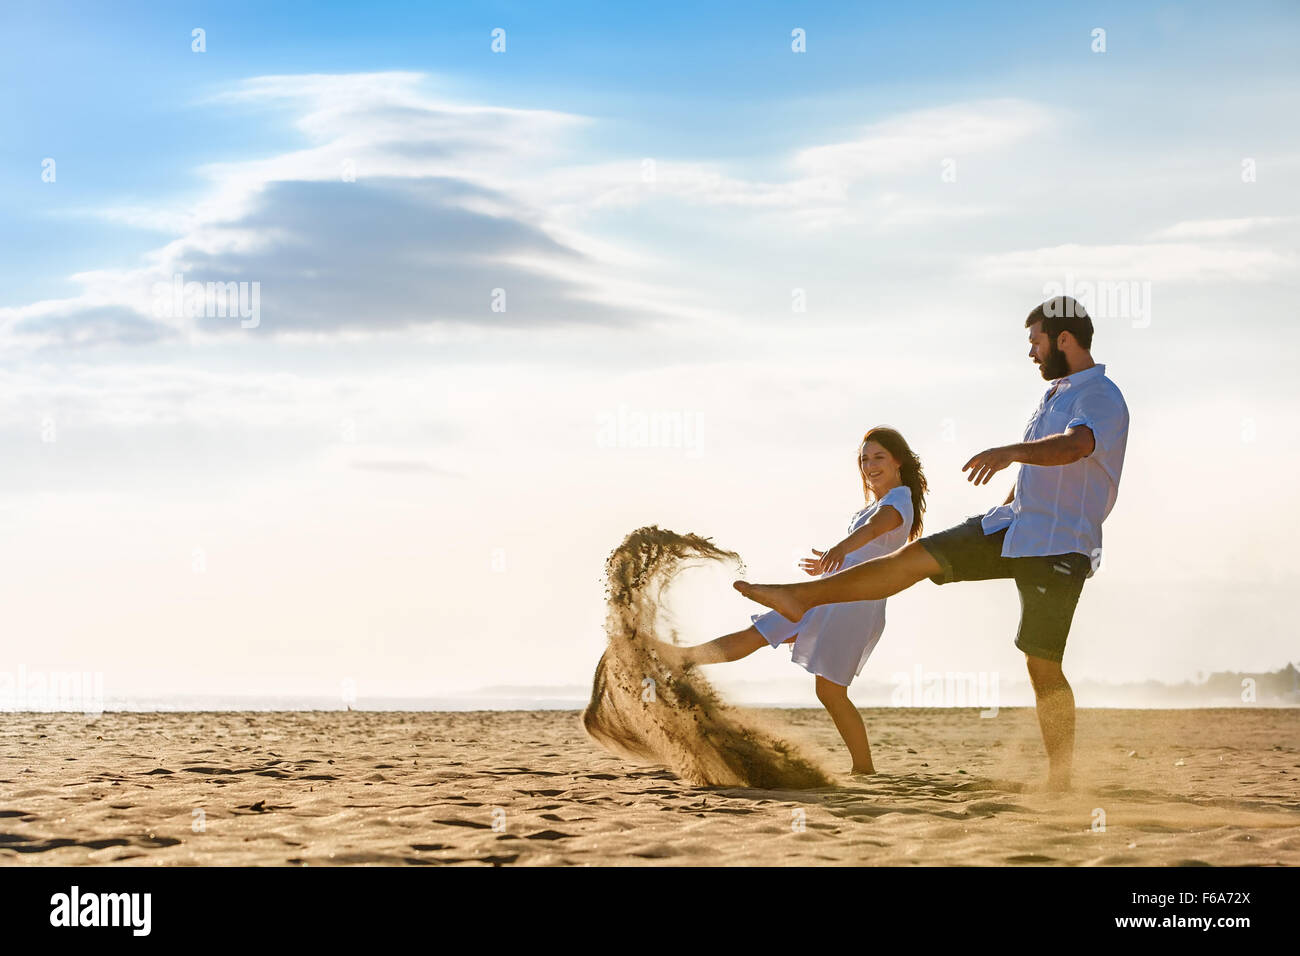 Glücklich Frischvermählten Familie Flitterwochen Urlaub - nur verheiratet liebevolle Frau und Mann mit Stockbild